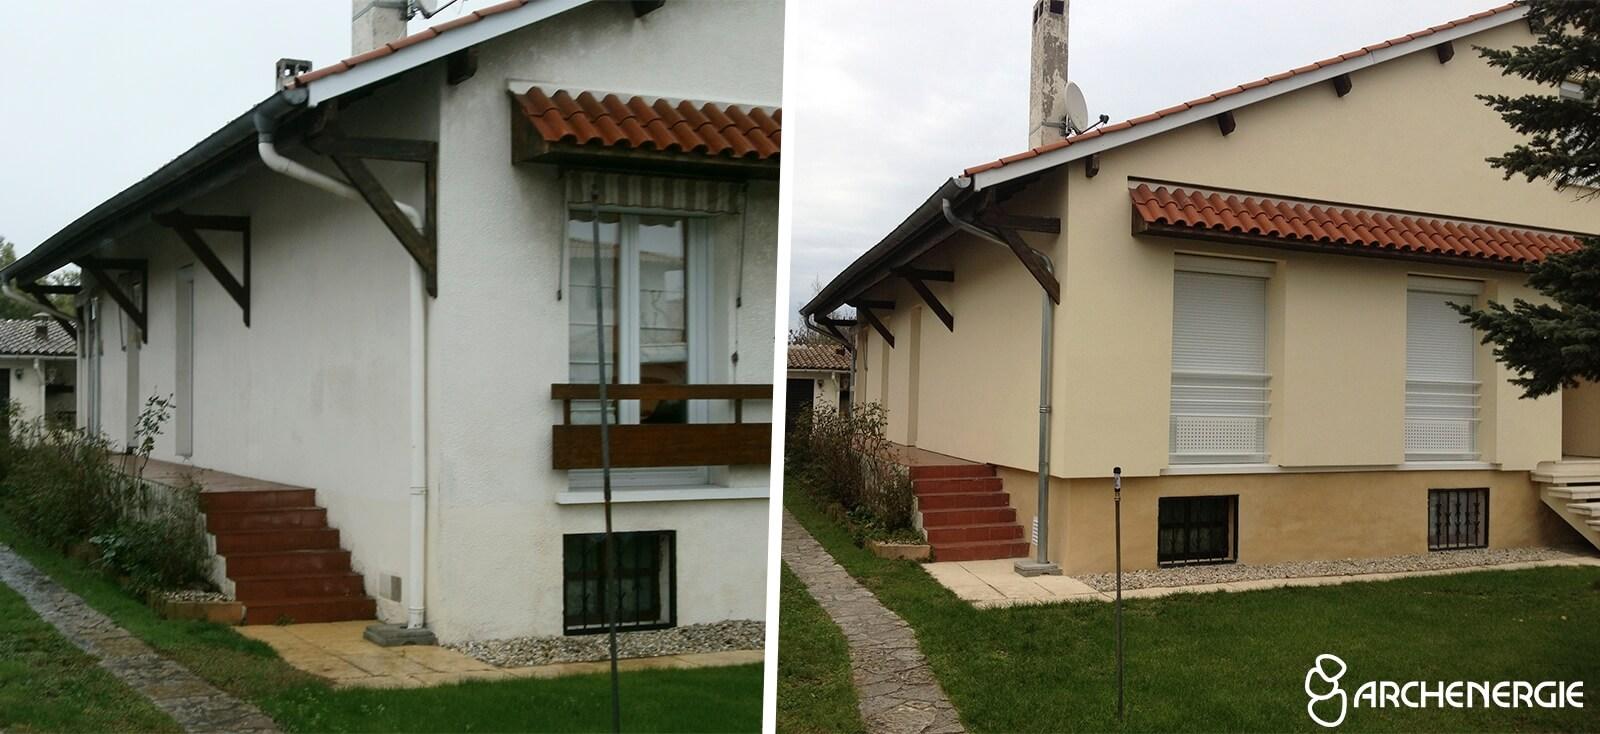 maison bordeaux bastide gironde 33 - avant/ après travaux ITE isolation par l'extérieur